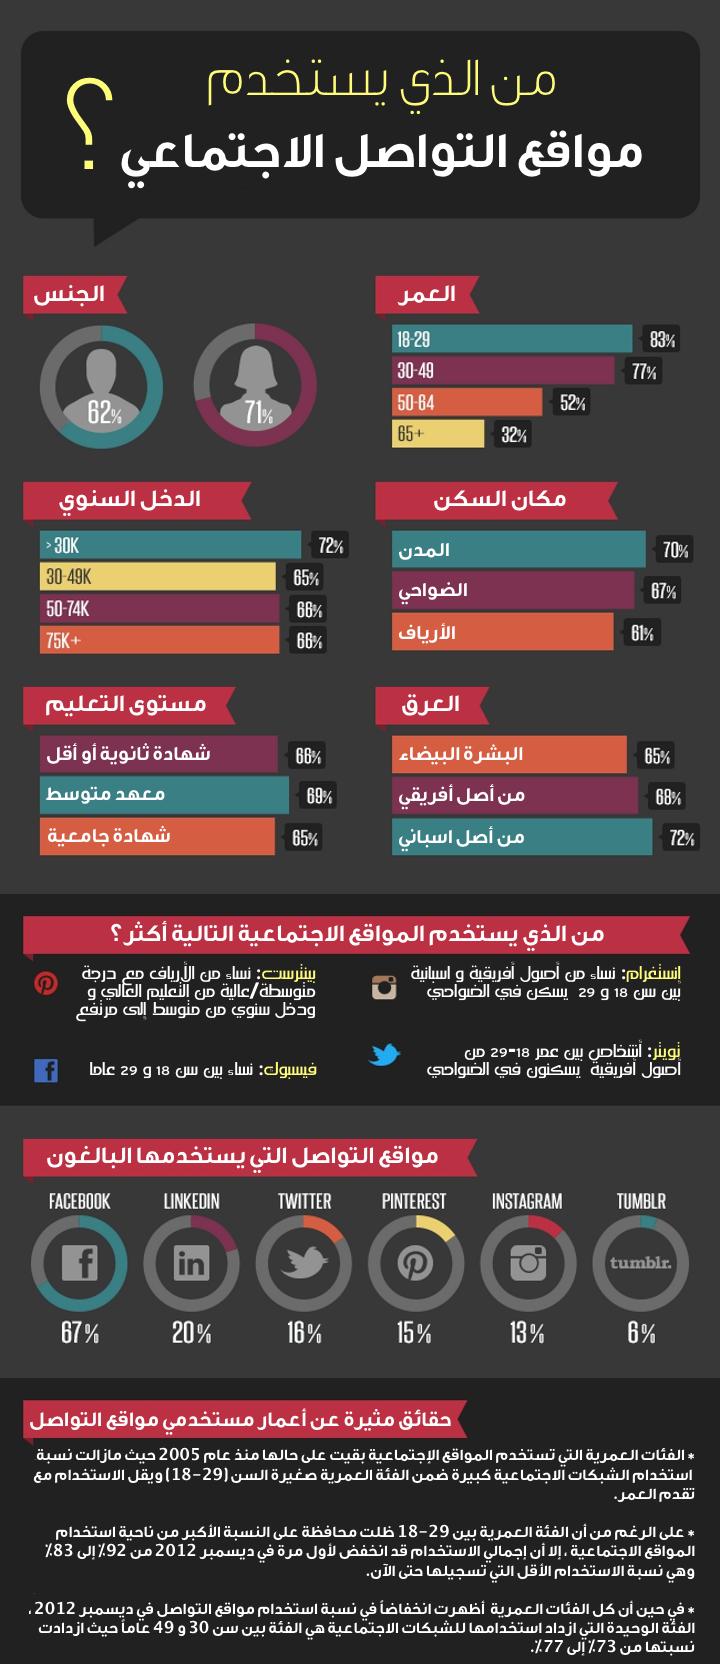 من الذي يستخدم مواقع التواصل الاجتماعي #انفوجرافيك